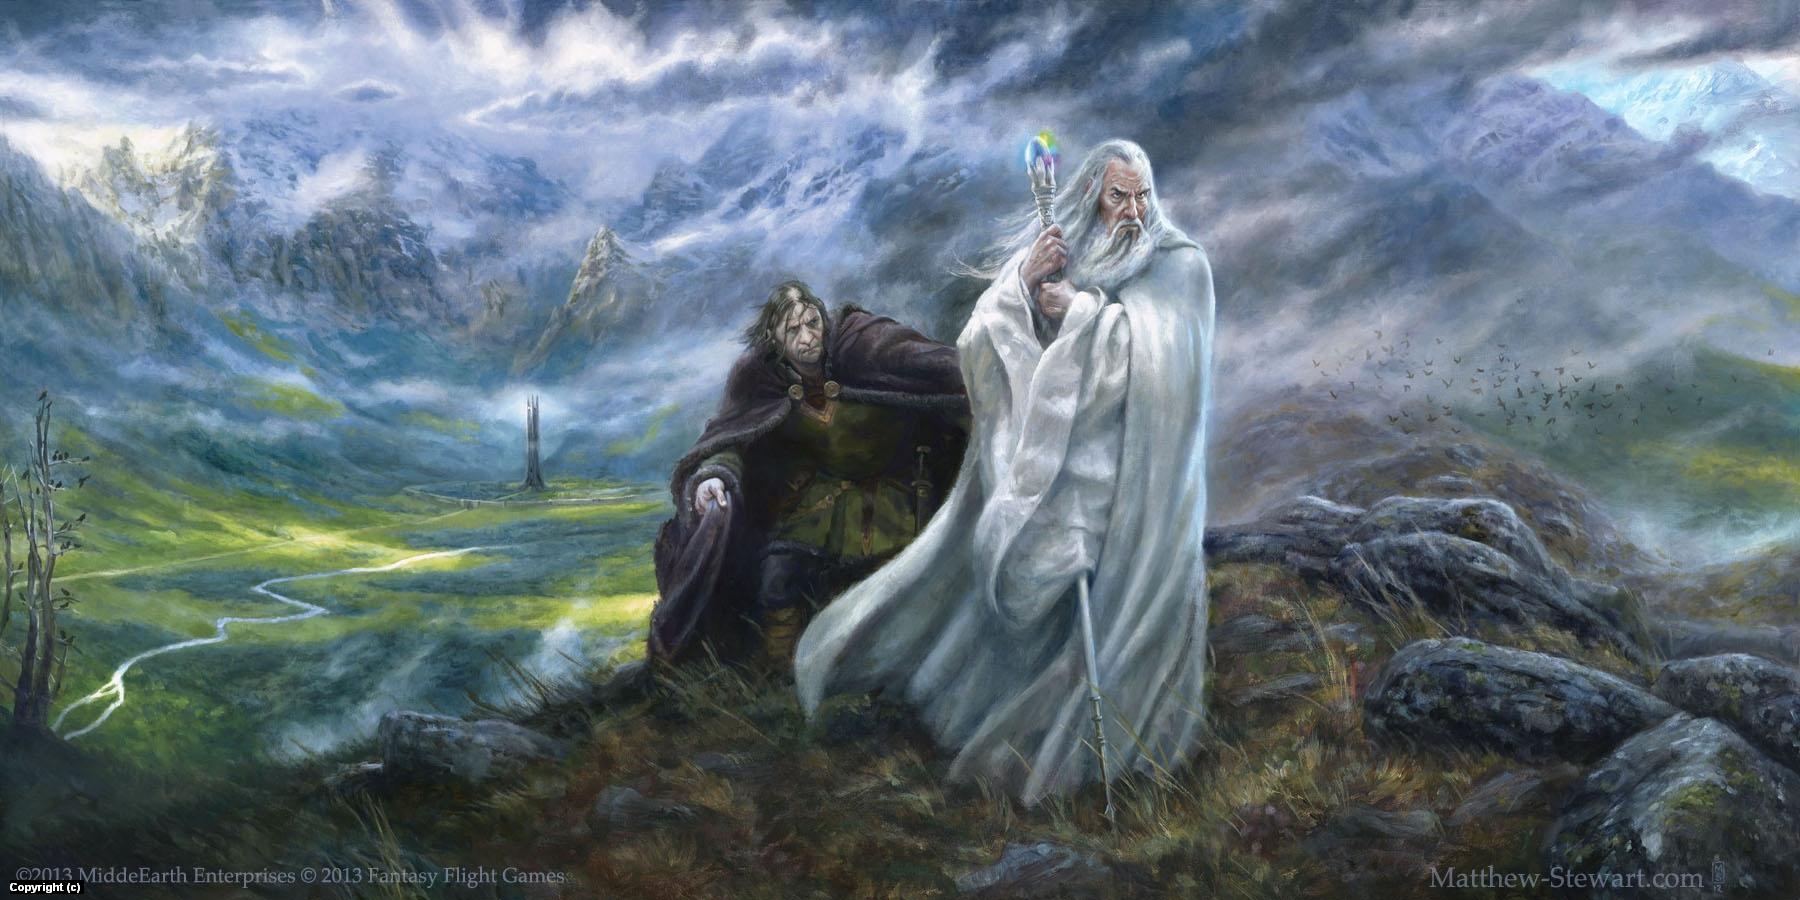 The Voice of Isengard Artwork by Matthew Stewart